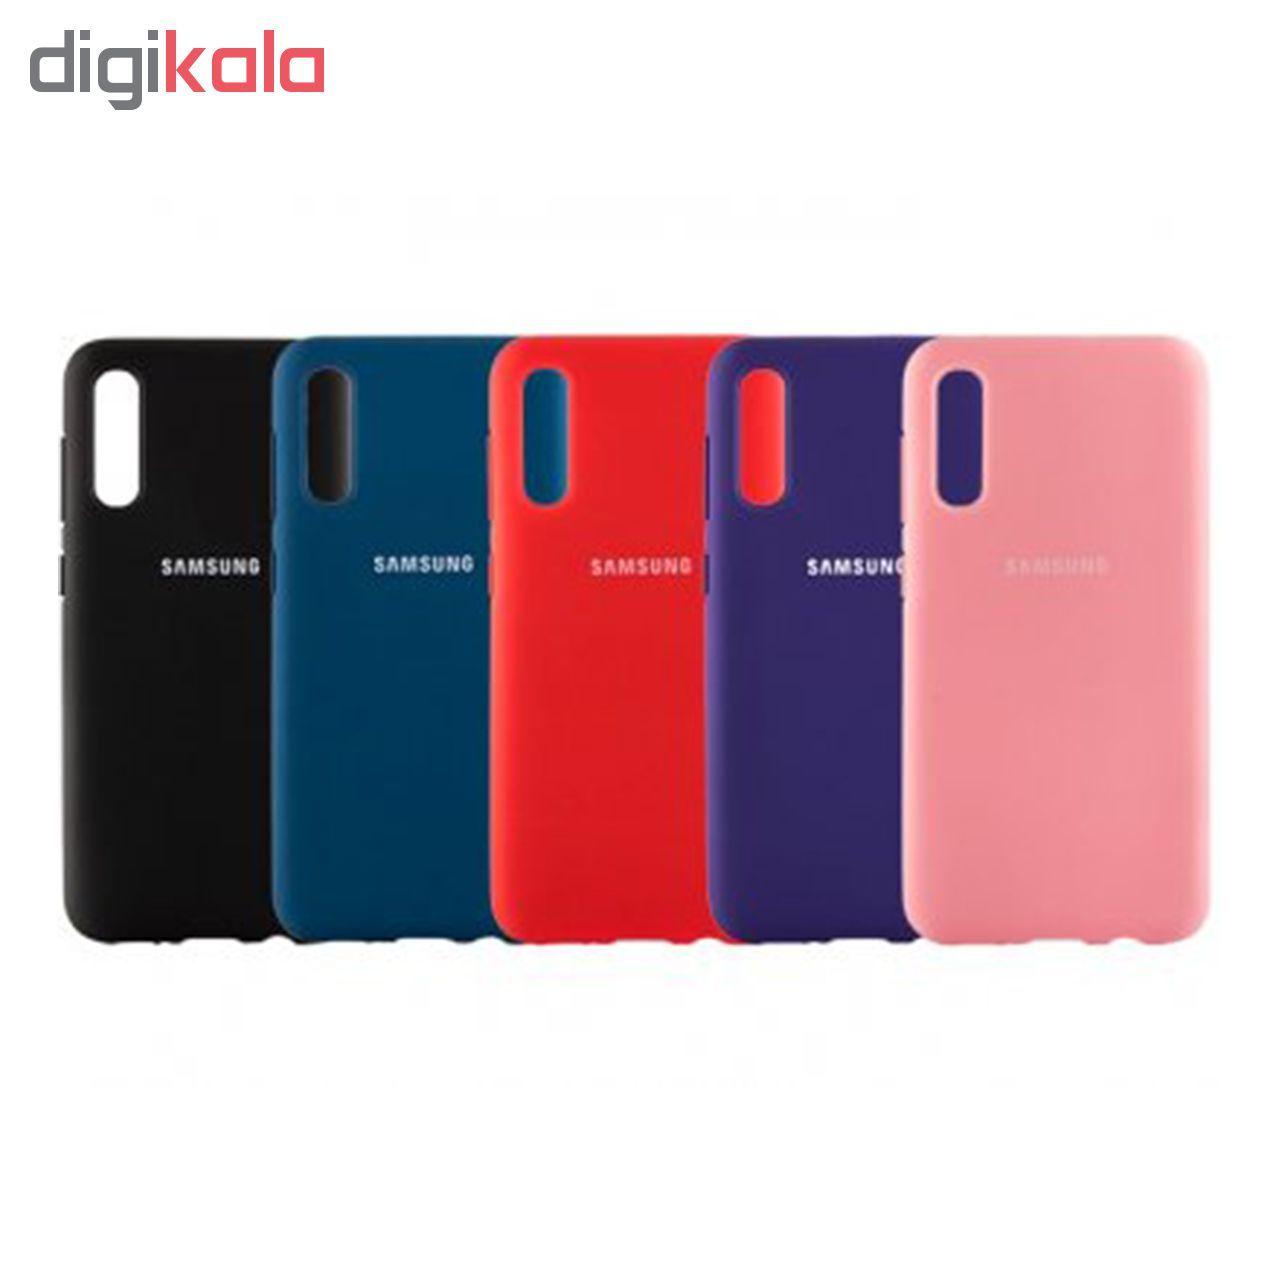 کاور سامسونگ مدل Slc مناسب برای گوشی موبایل سامسونگ Galaxy A70 main 1 6